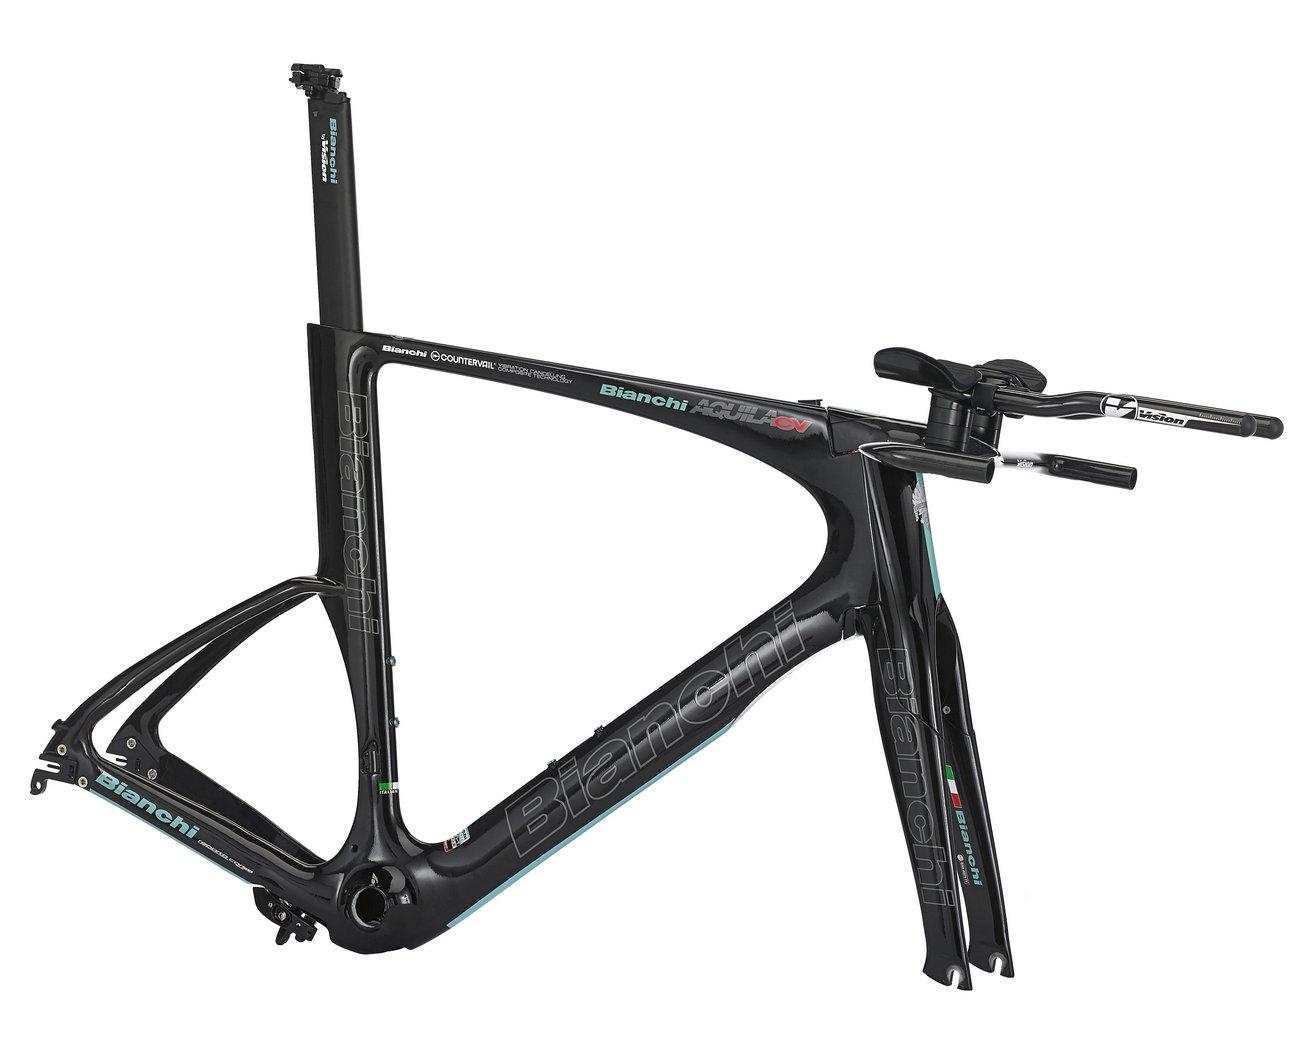 Der Rahmen des Bianchi CV wiegt 1,25kg. (Bianchi)